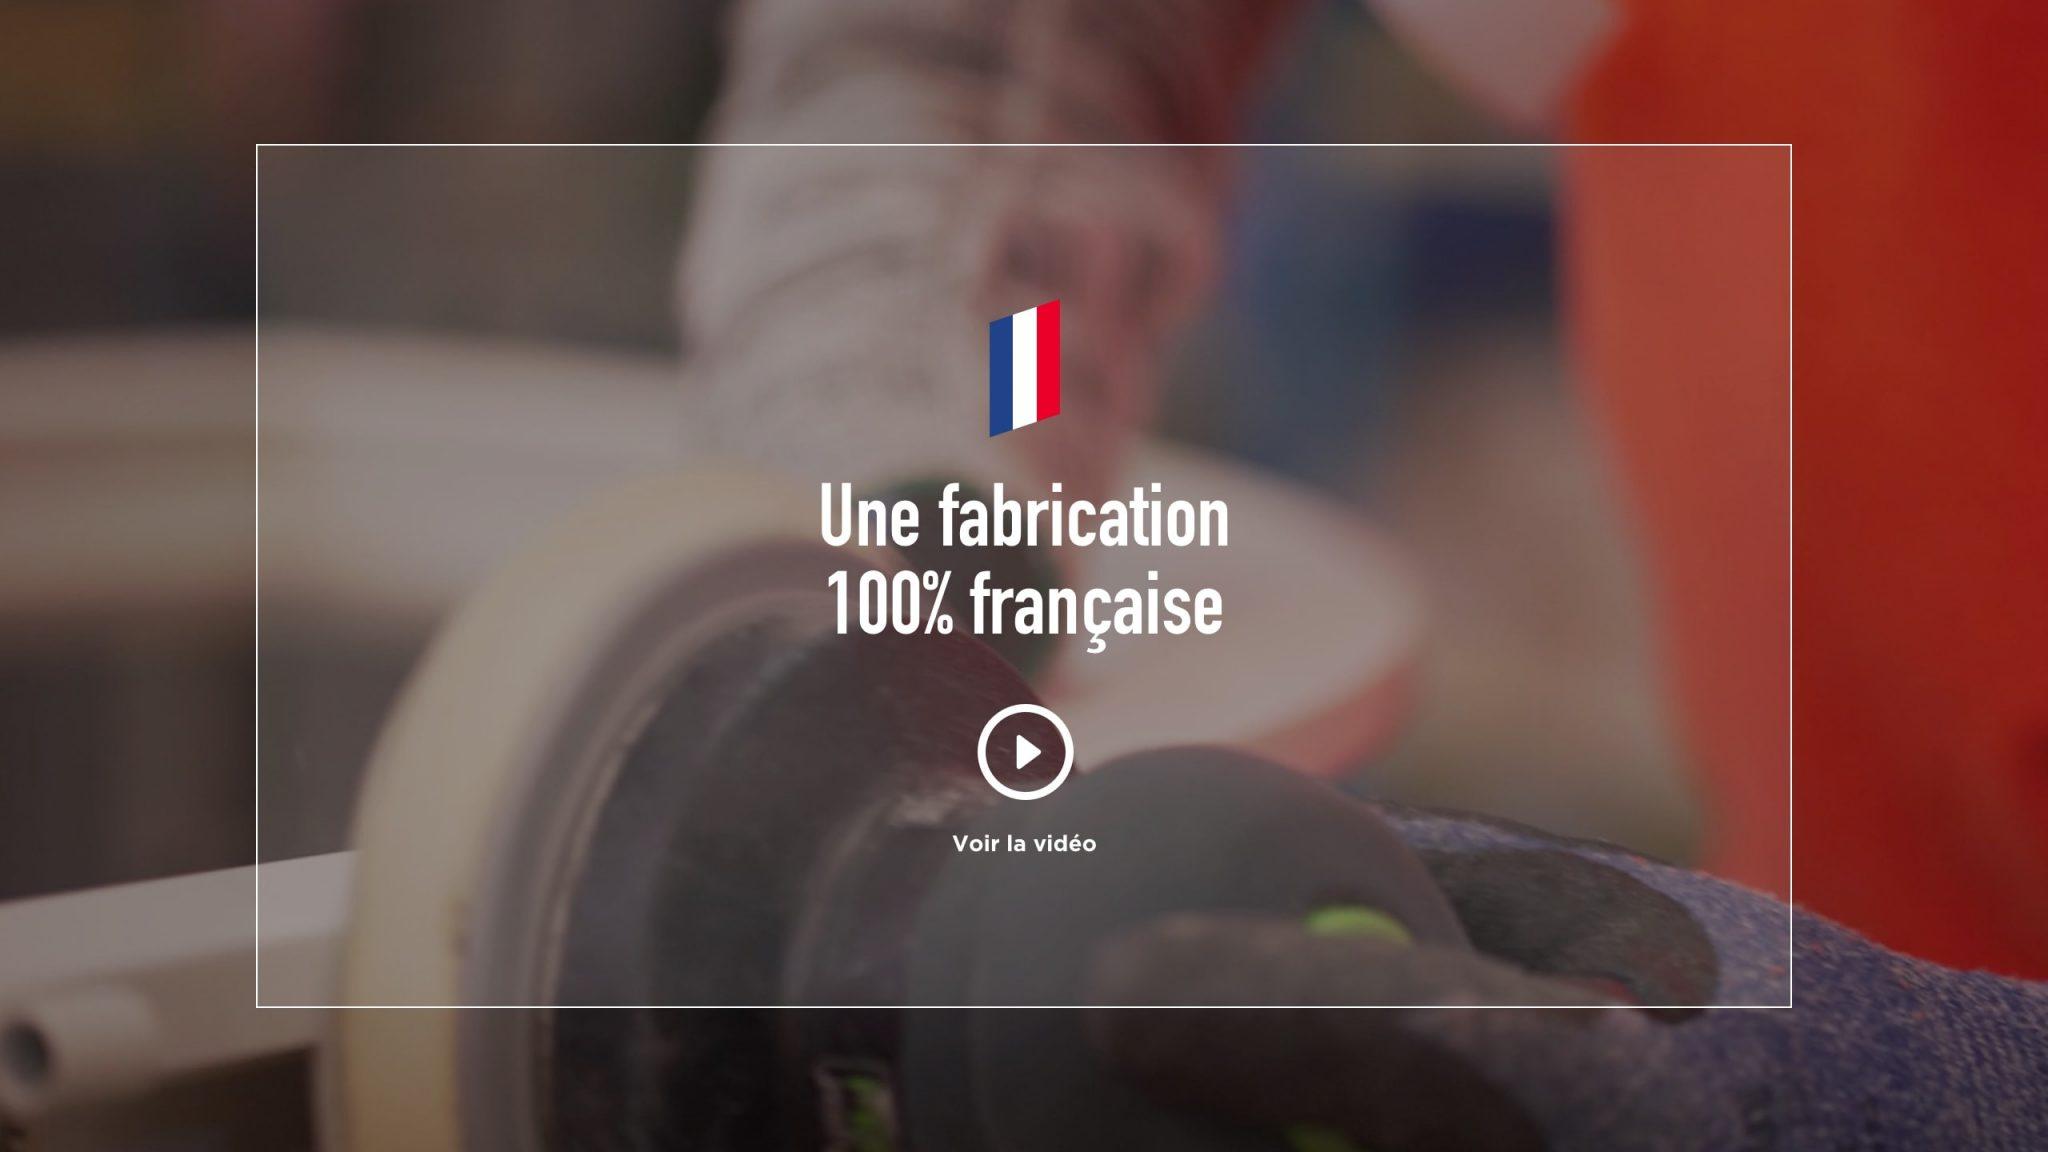 Une fabrication 100% française. Voir la vidéo